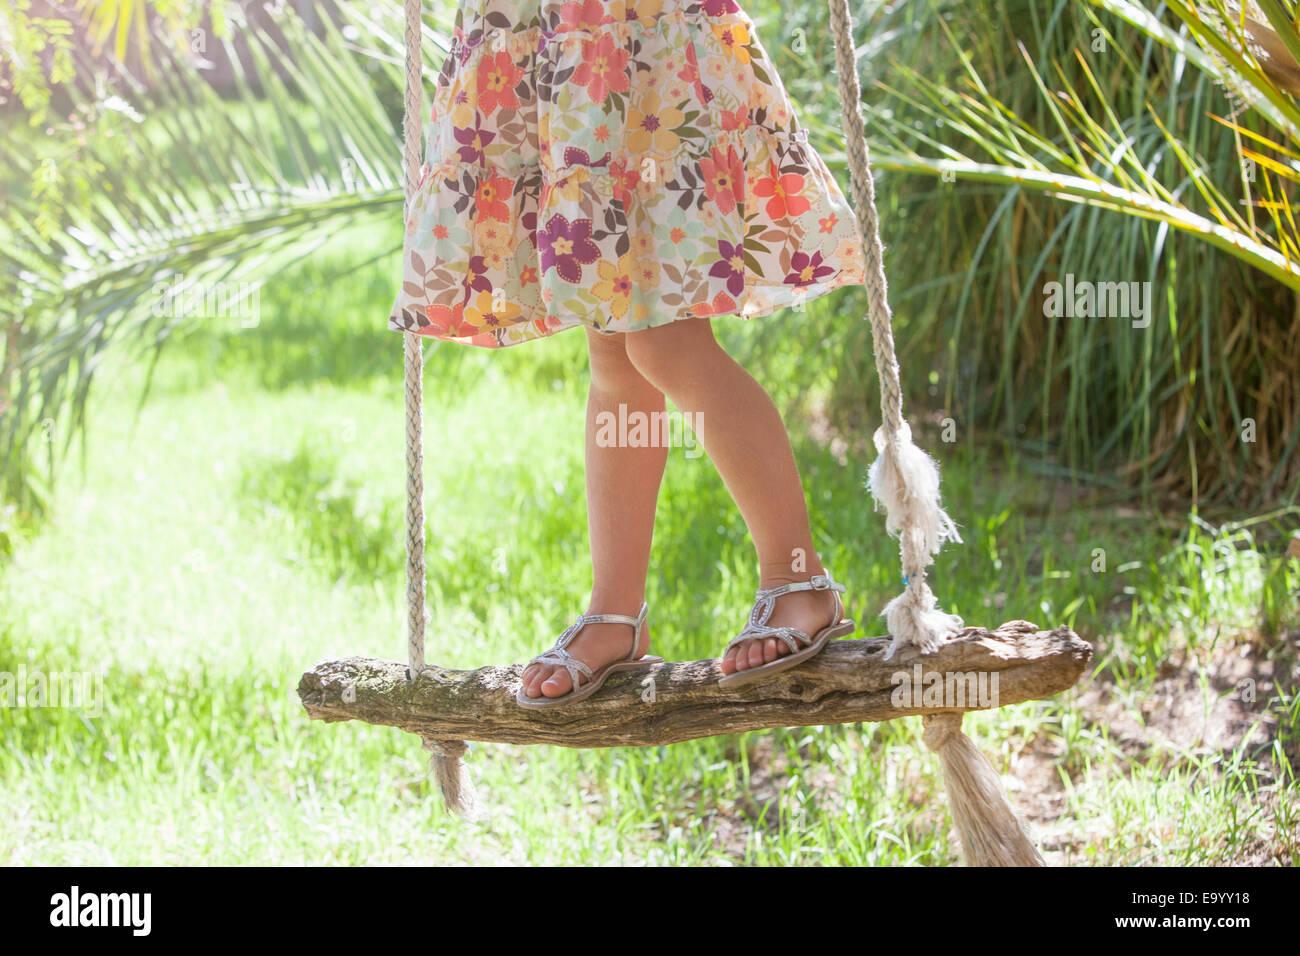 Taille abwärts abgeschnitten Schuss von Mädchen stehen auf Baum-Schaukel im Garten Stockbild